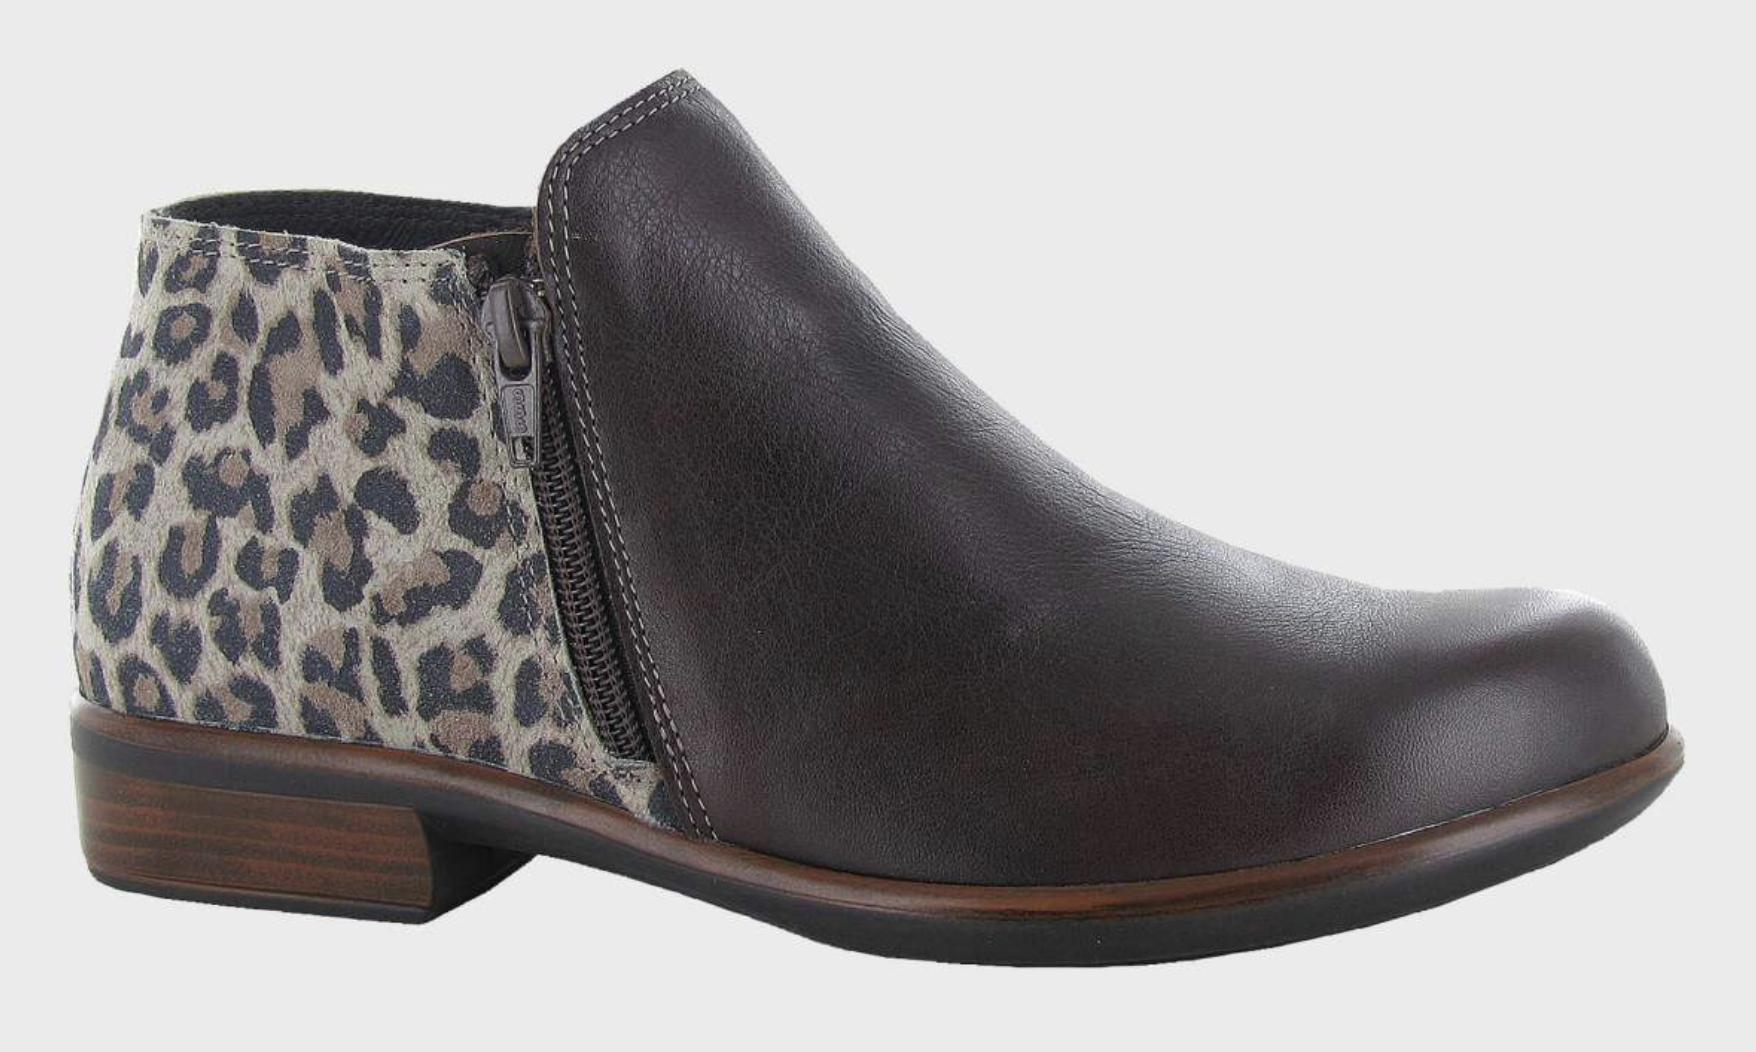 Helm Soft Brown/Cheetah